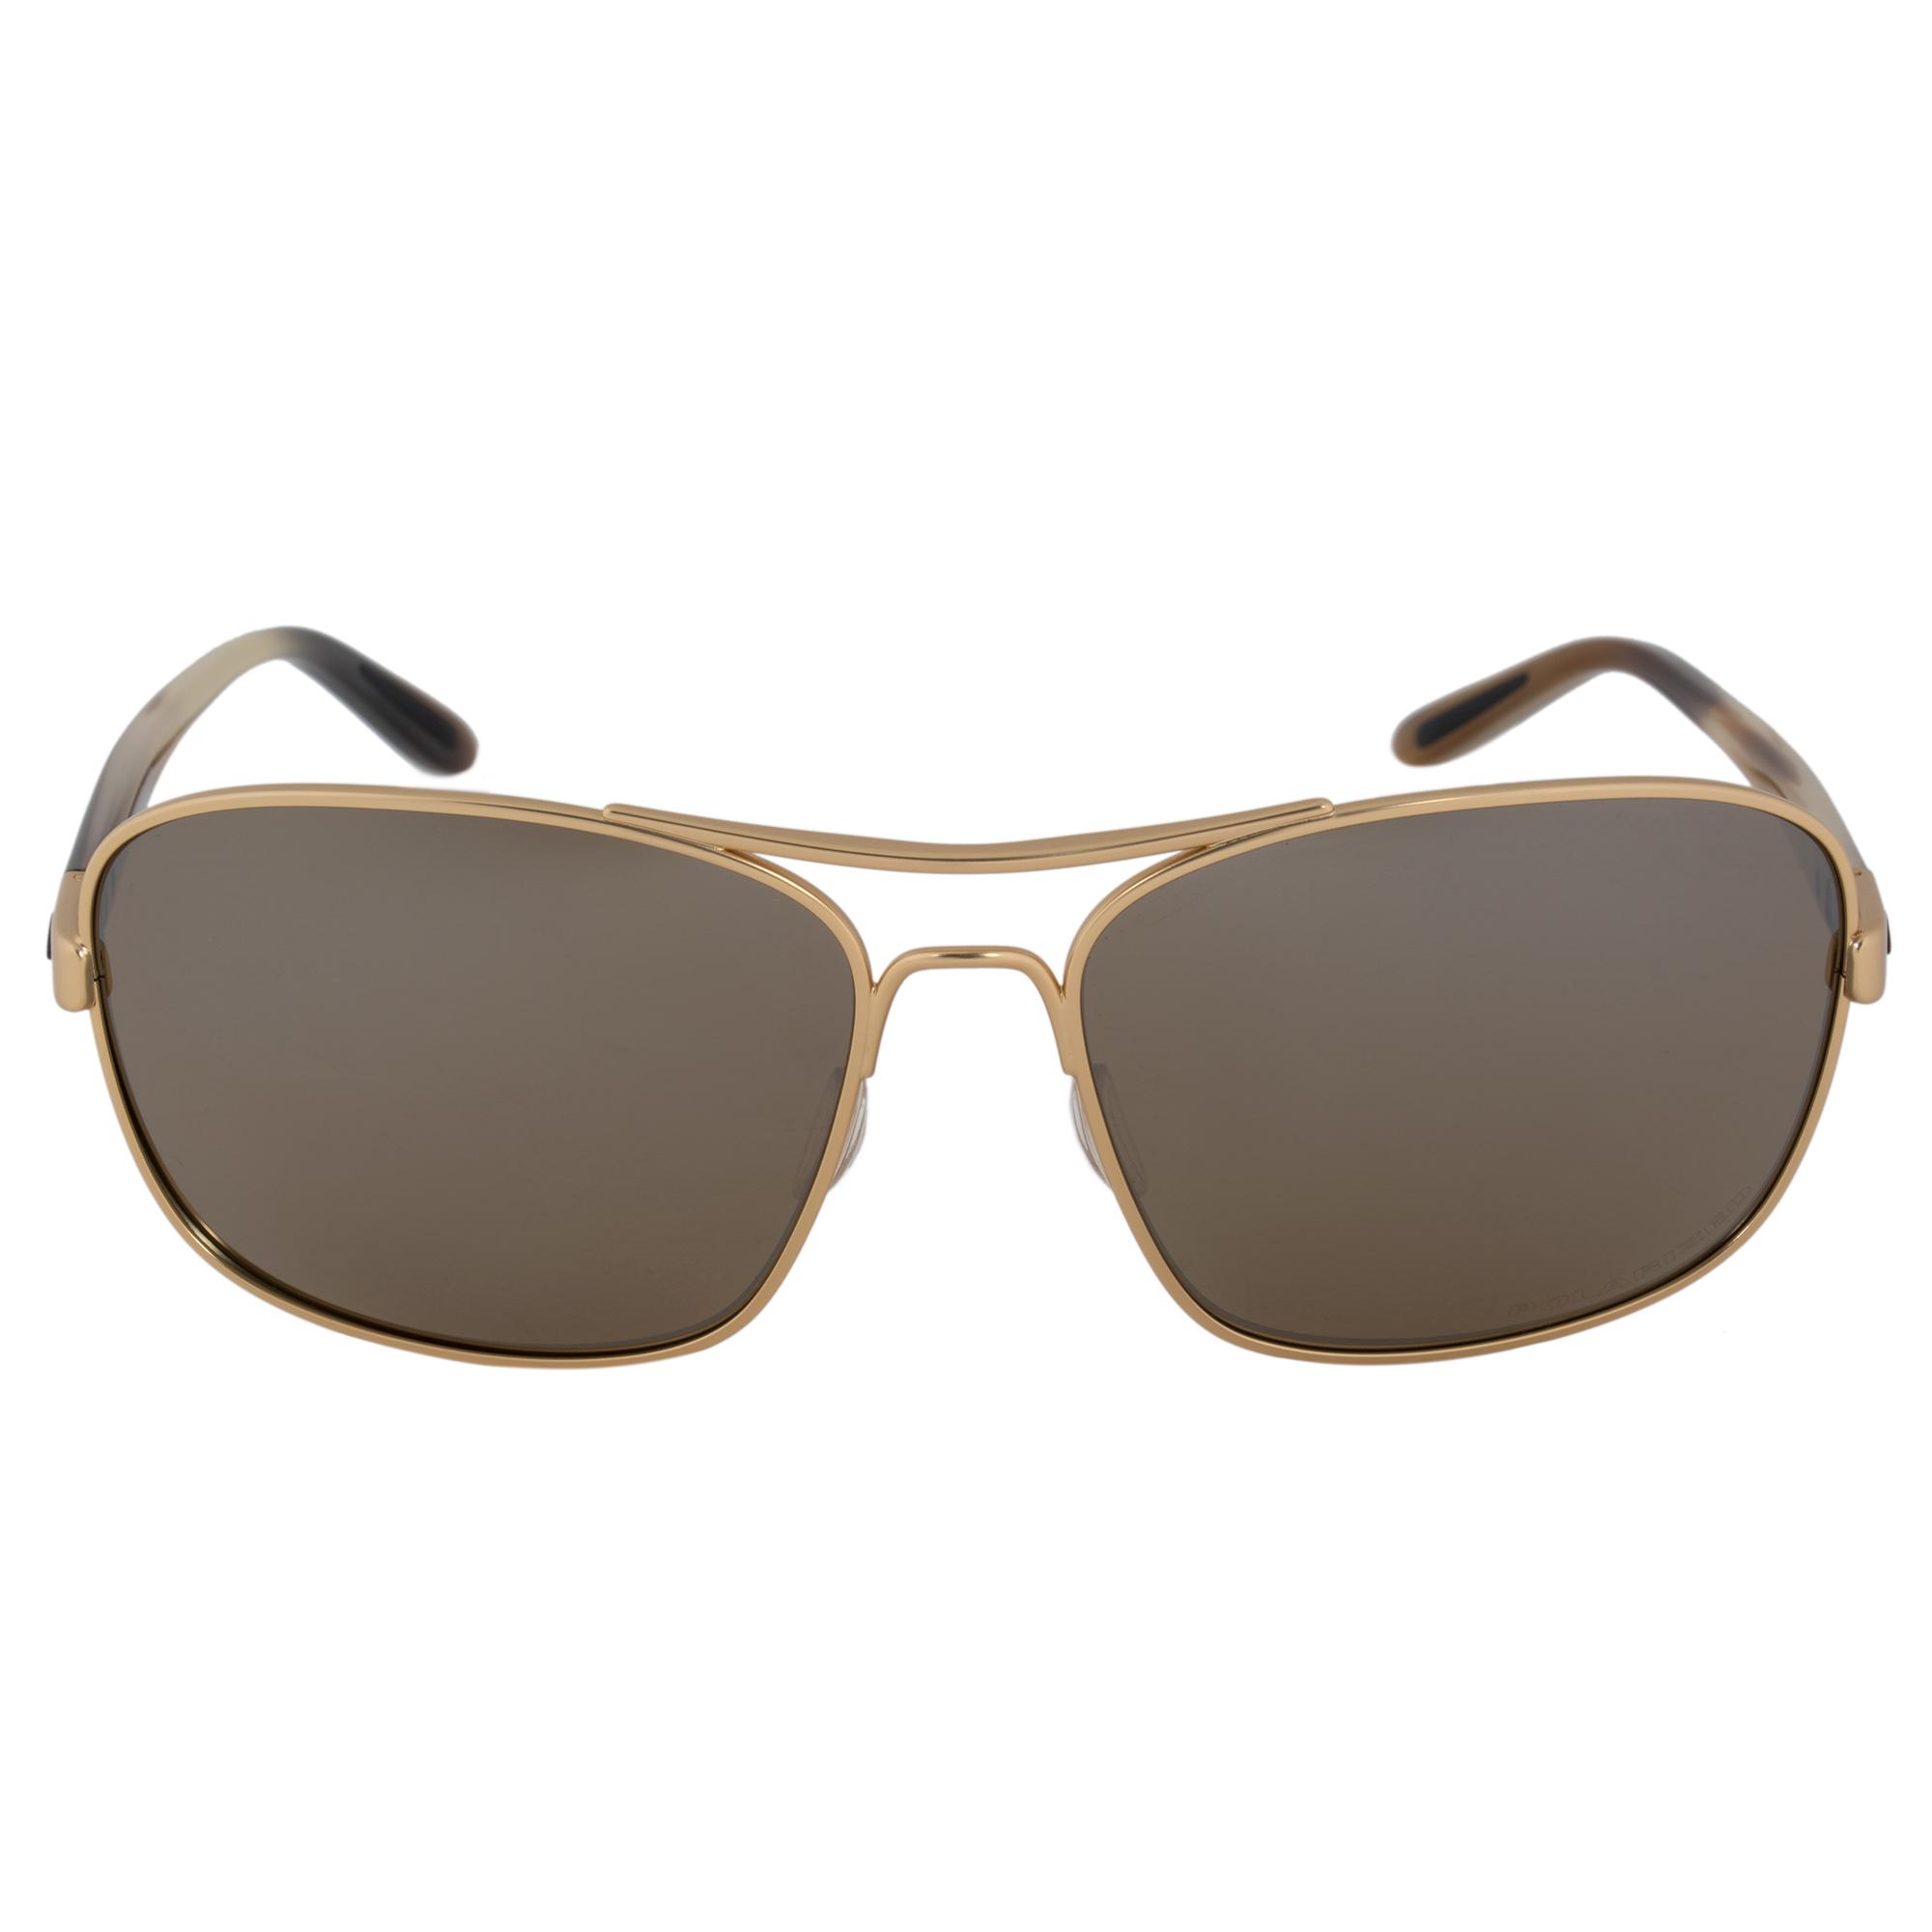 fb5f04a3d88 Oakley Sanctuary Square Sunglasses 0OO4116 411605 58